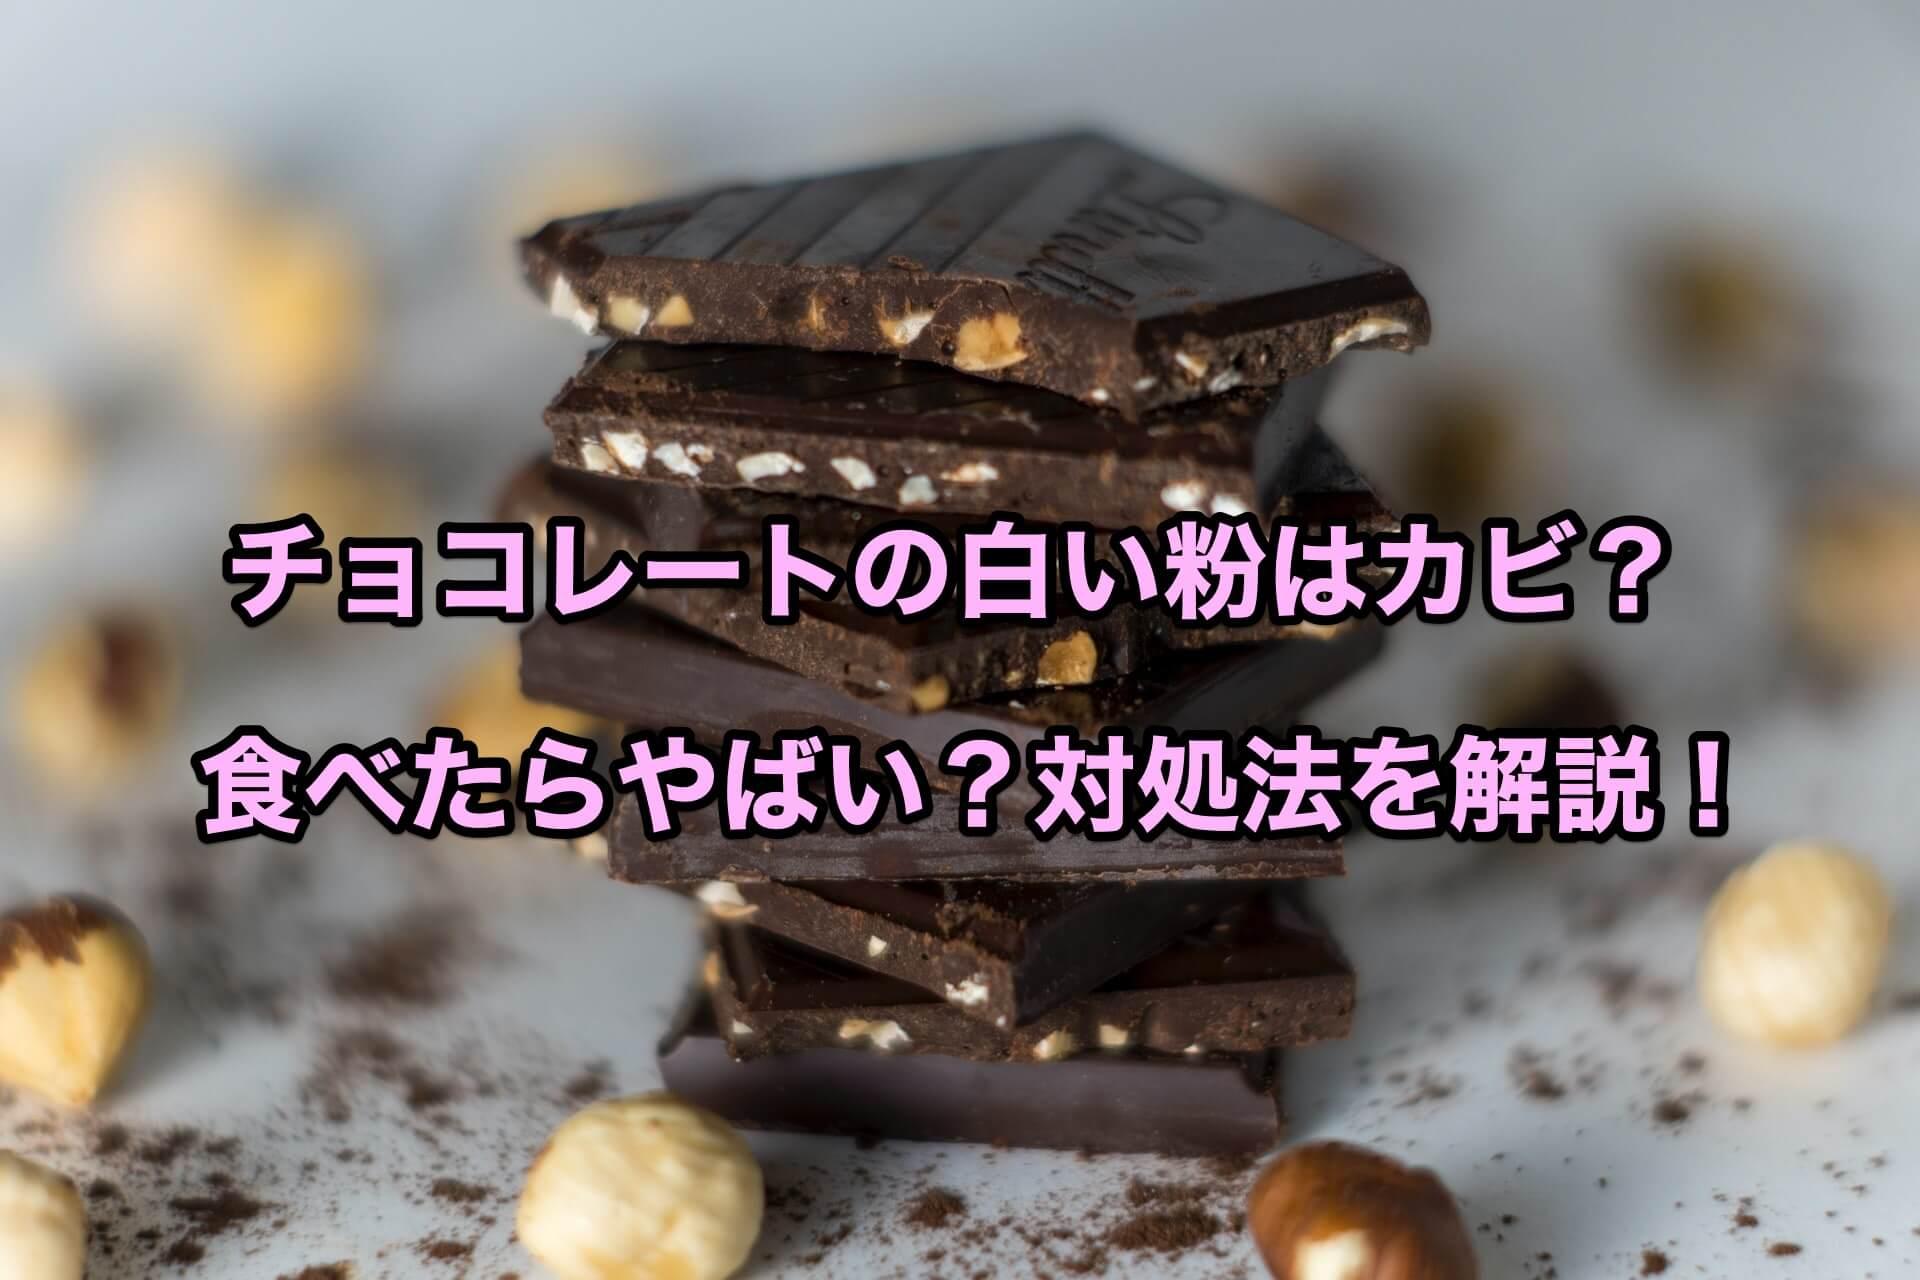 チョコレートの白い粉はカビ?食べたらやばい?対処法を解説!